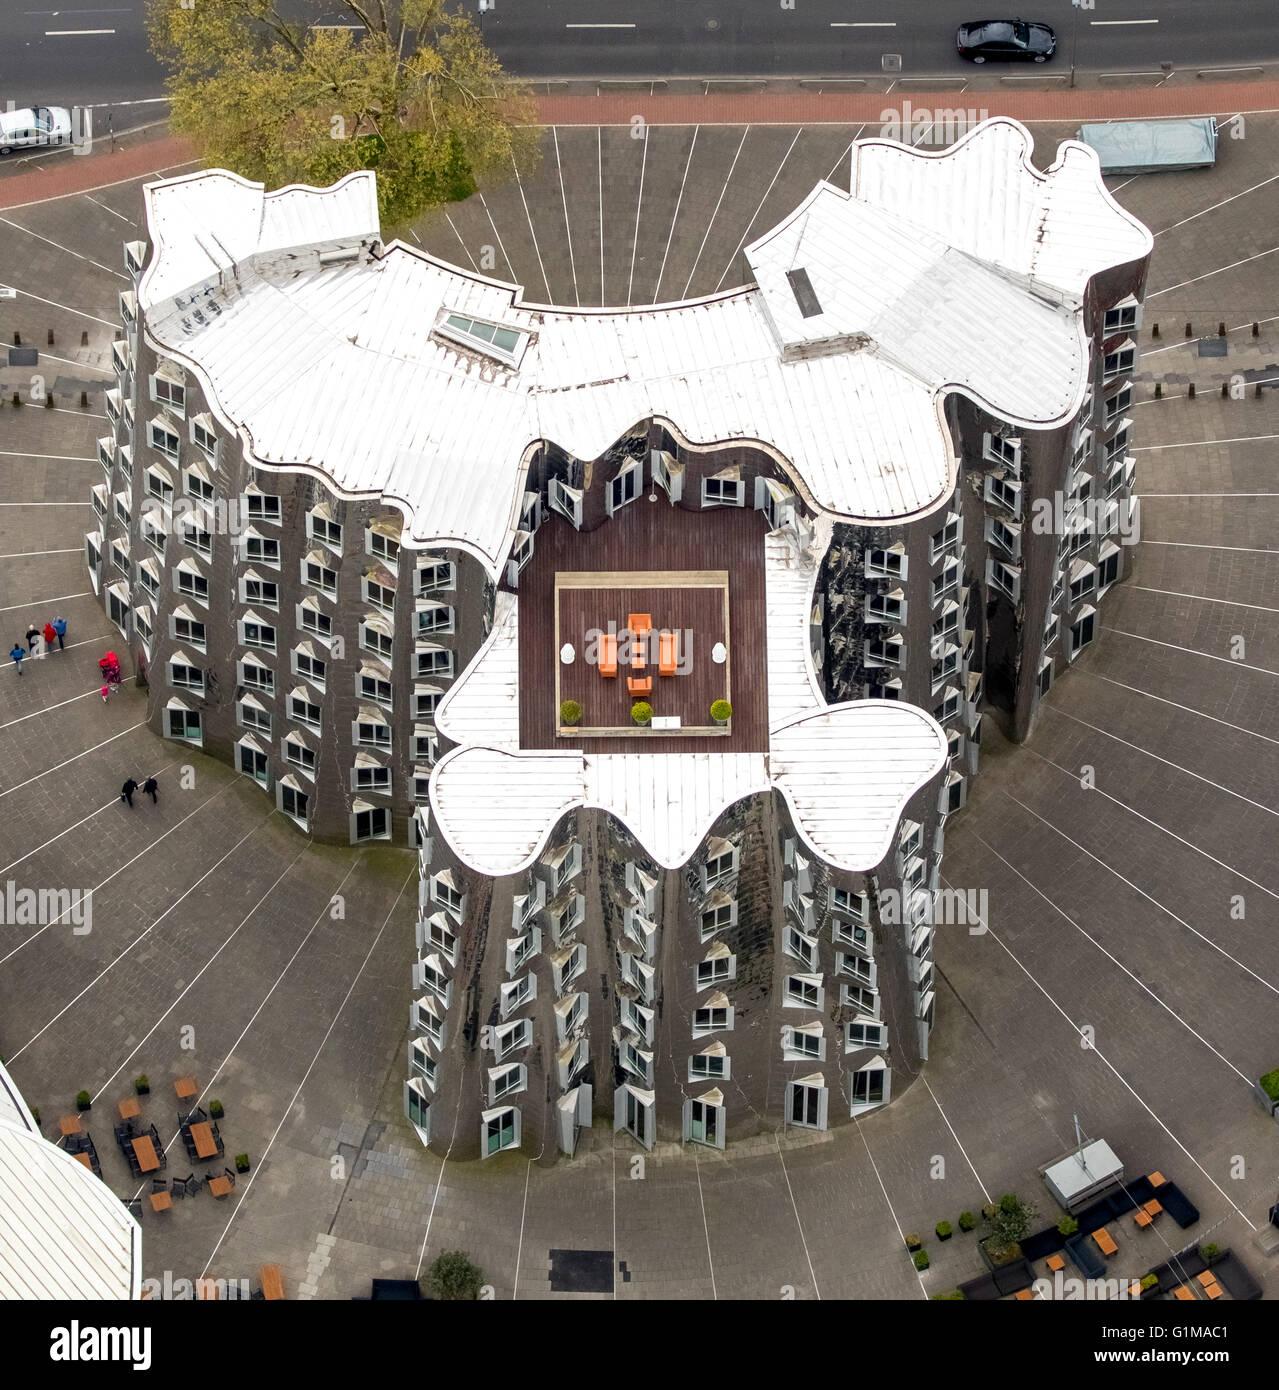 Luftbild, redaktionellen Gebrauch bestimmt, Gehry-Bauten in den Medien-Hafen-Düsseldorf, moderne Architektur, Stockbild